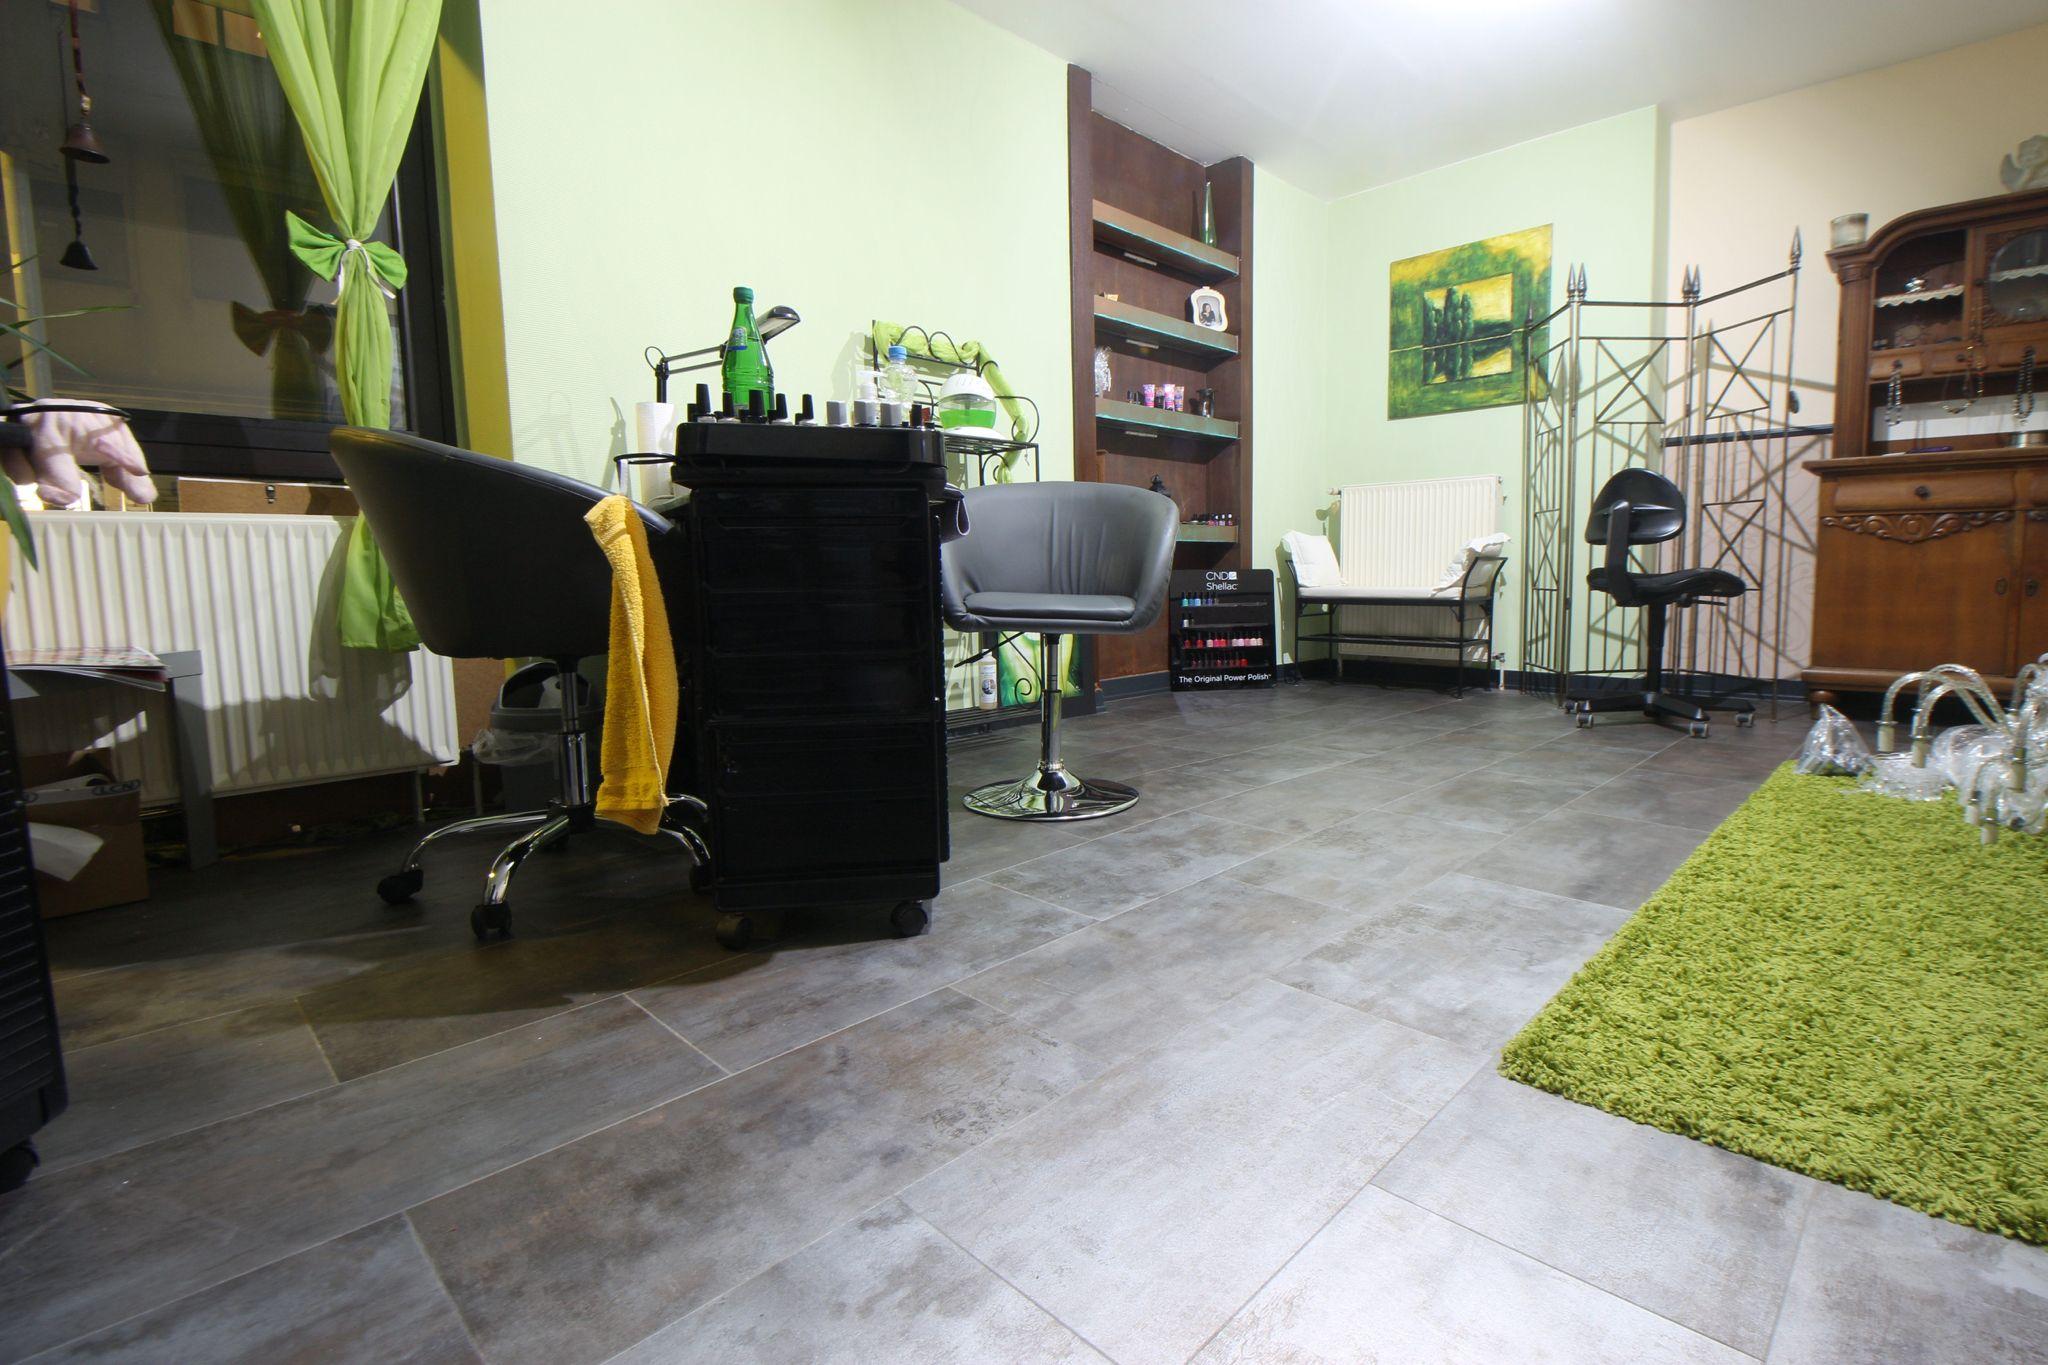 Boden Und Wandgestaltung Eines Nagelstudios Malerbetrieb Wandgestaltung Innenraumgestaltung